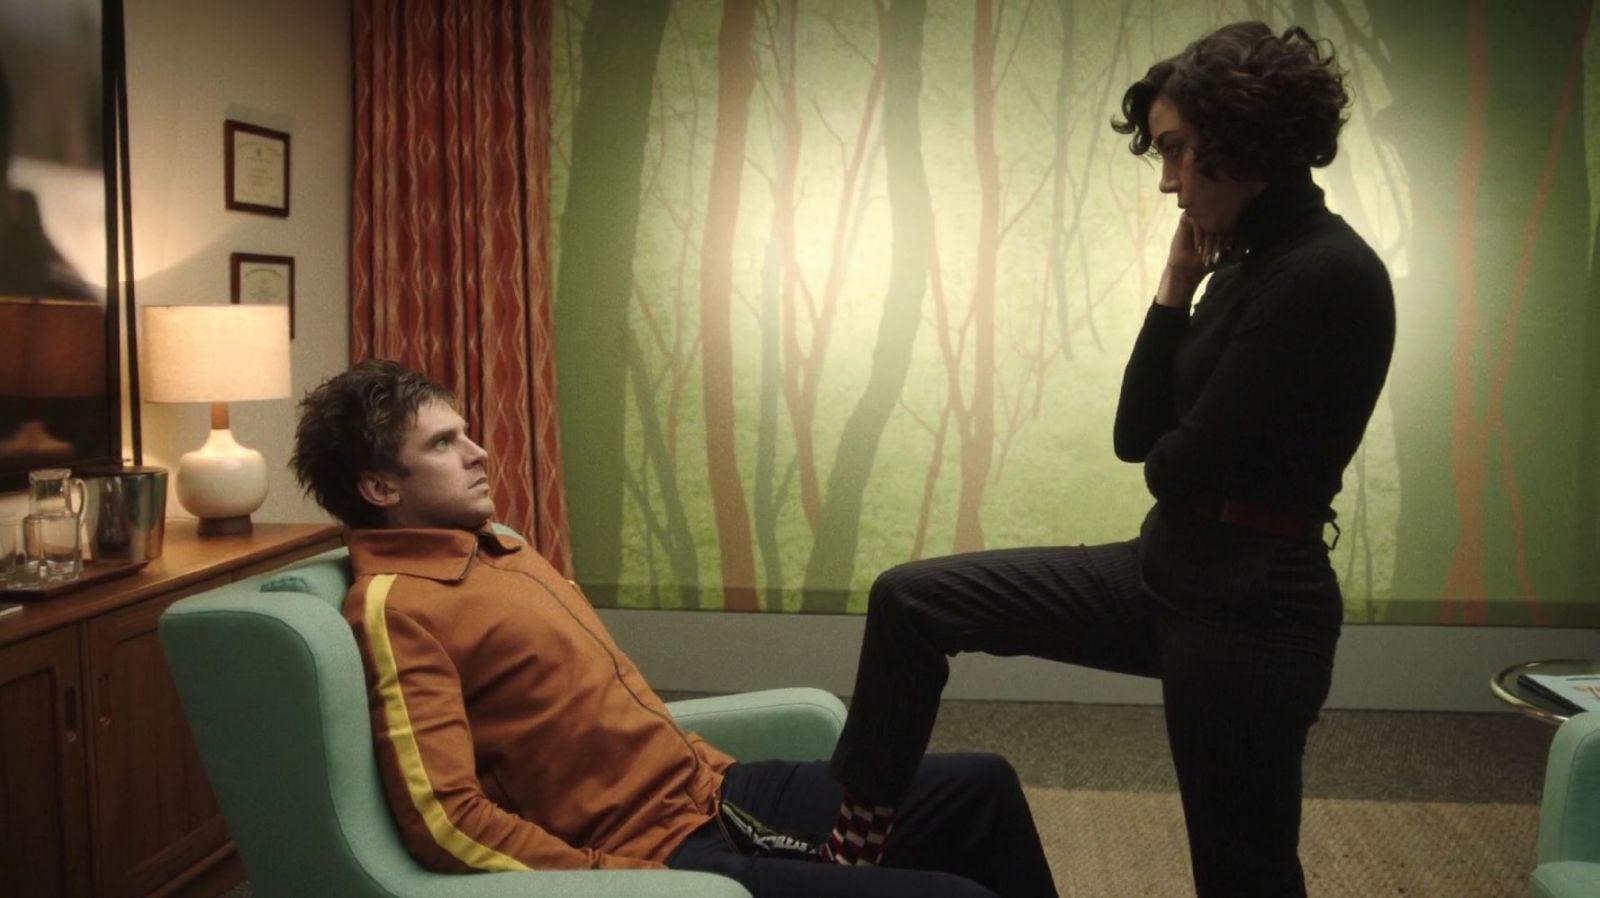 Почему важно говорить о партнёрском насилии в ЛГБТК-отношениях?